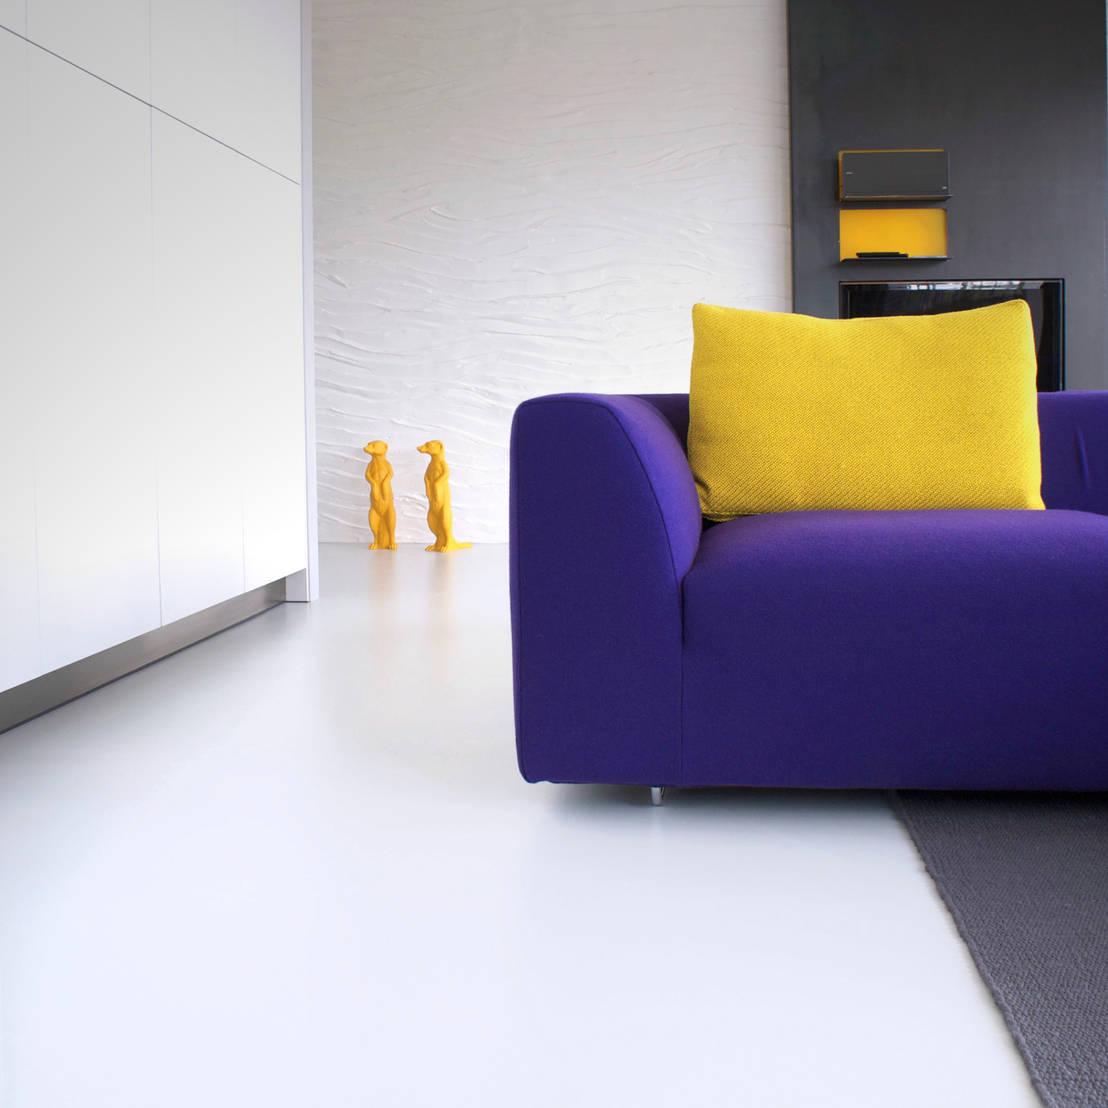 Kleurideeen voor de woonkamer